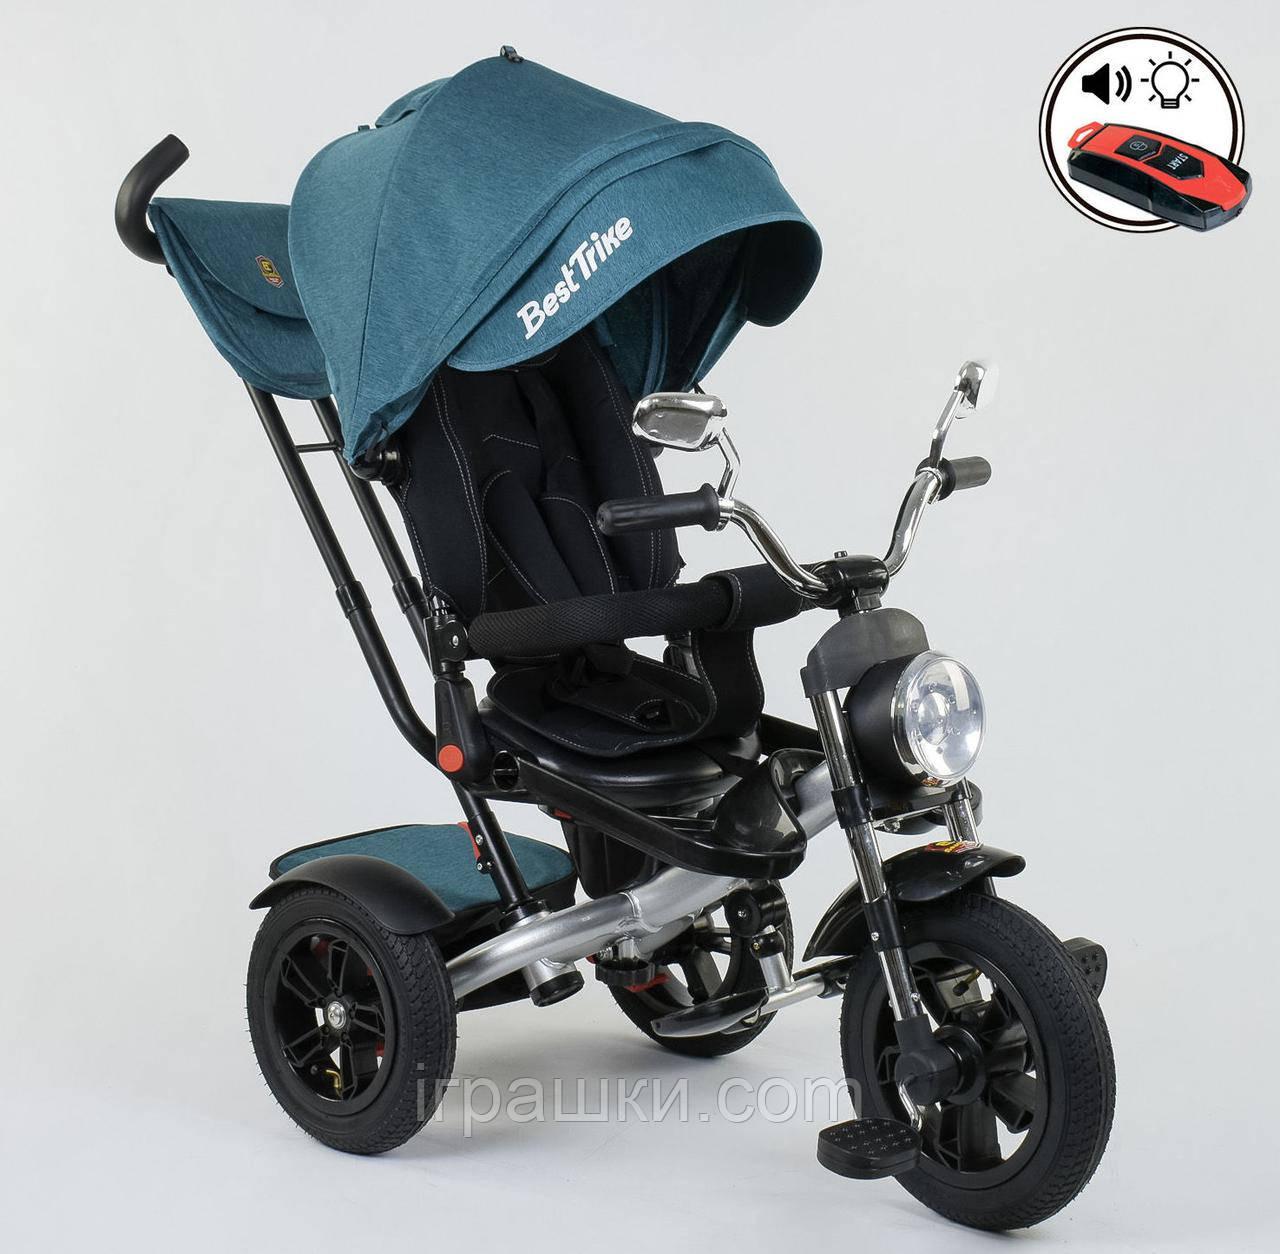 Трехколёсный детский велосипед Best Trike 4490 - 2209 с надувными колесами, ПУЛЬТ ВКЛ. СВЕТА И ЗВУКА